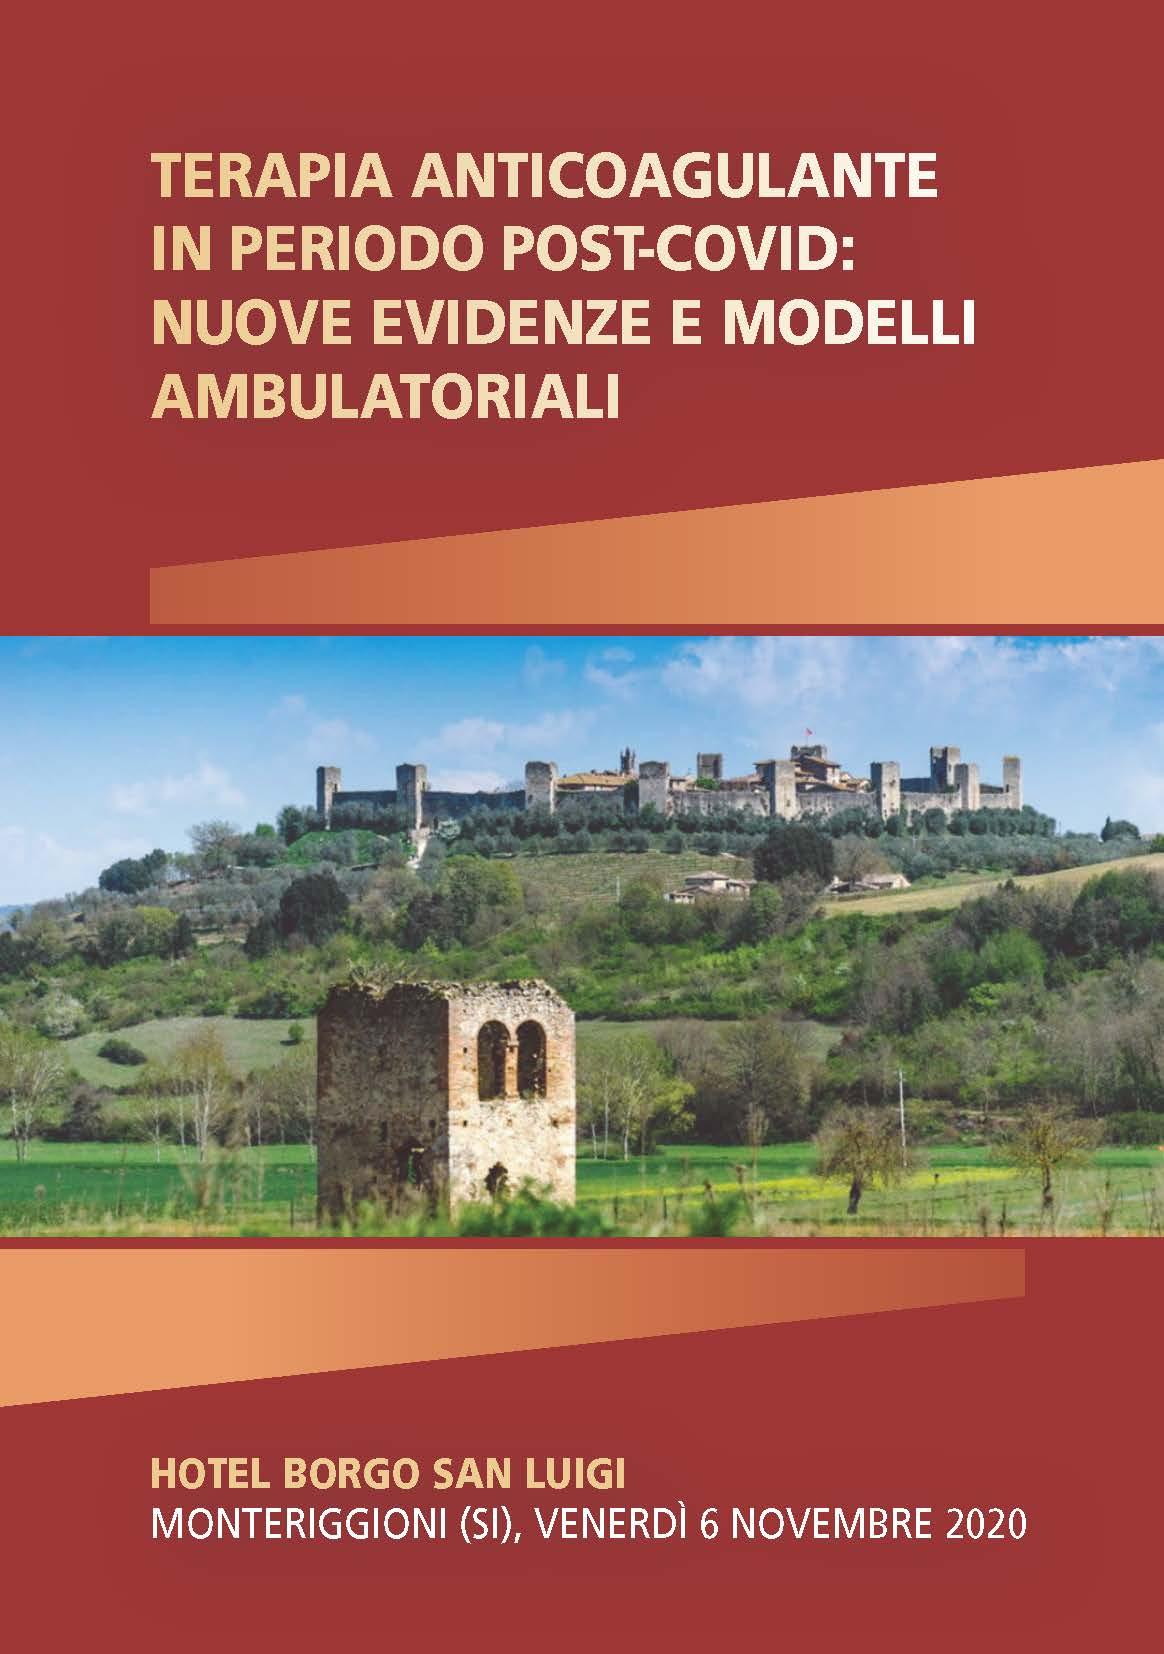 TERAPIA ANTICOAGULANTE IN PERIODO POST-COVID: NUOVE EVIDENZE E MODELLI AMBULATORIALI